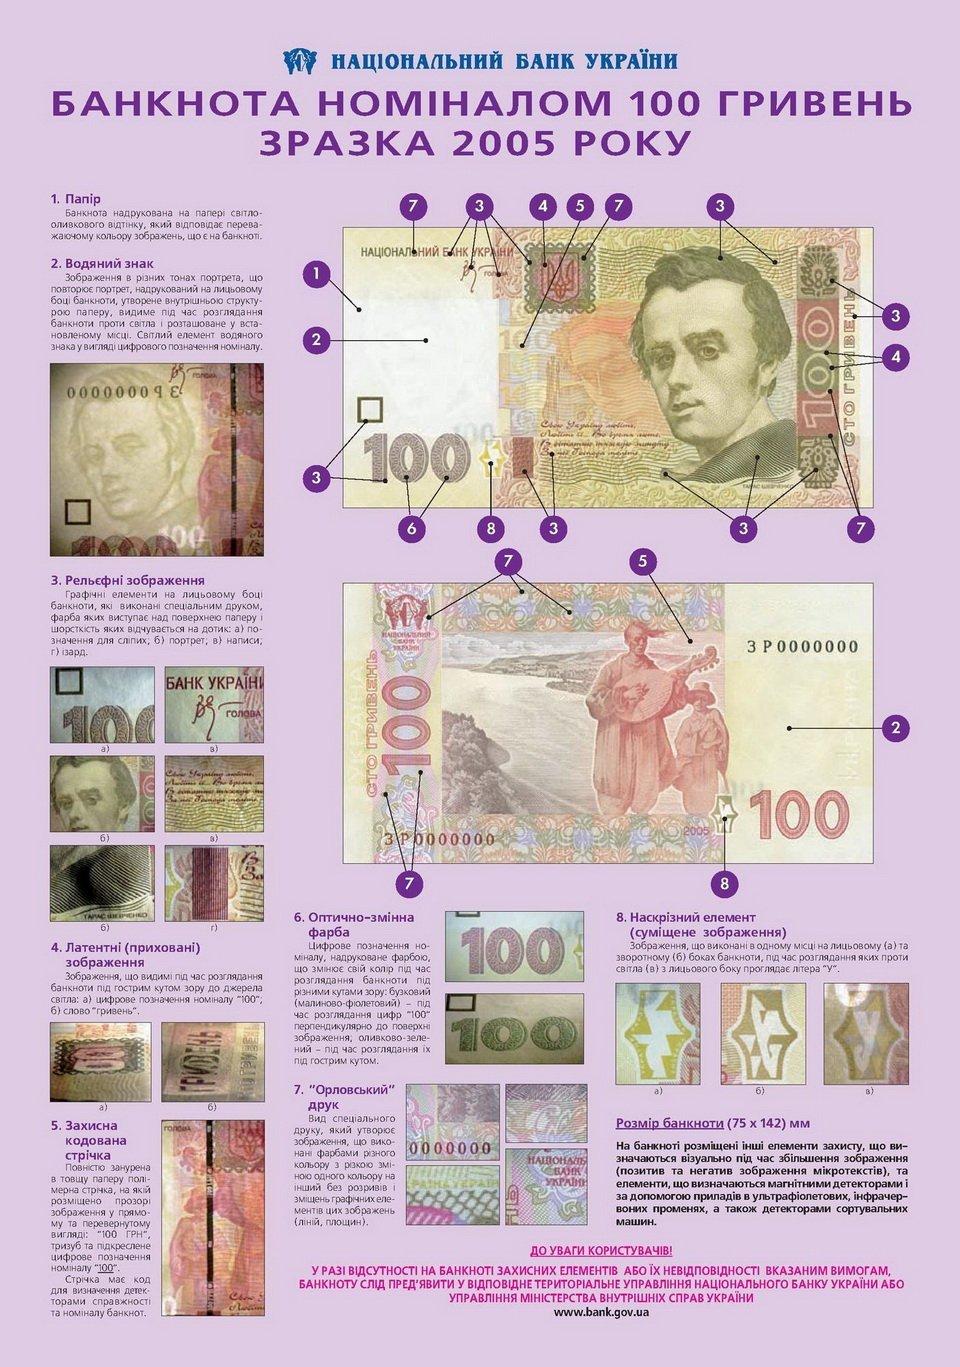 Украинцев предупреждают о фальшивых деньгах из банкоматов